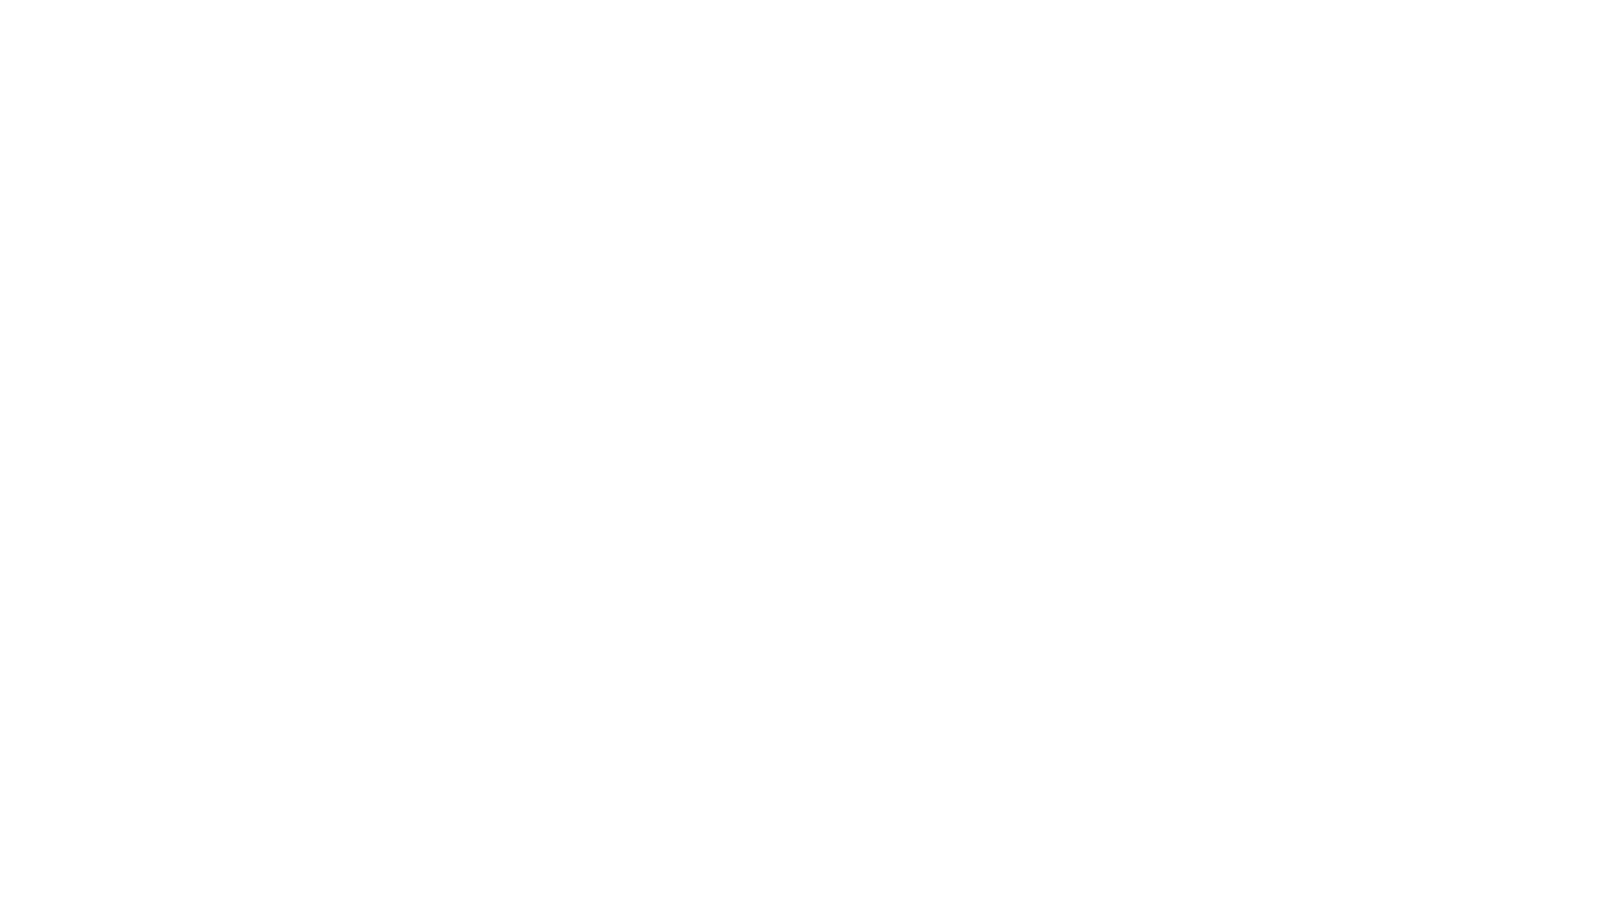 🖐💚¡APÚNTATE AL CURSO DE 10 MESES DE YOGA PARA LA SANACIÓN A TRAVÉS DE LOS CHAKRAS DE LA ESCUELA DE YOGA ONLINE SANKALPA! ¡EMPEZAMOS EL 24 DE SEPTIEMBRE! 🖐💚 Más información en: https://www.sankalpaescueladeyoga.com/unete-a-sankalpa-escuela-de-yoga  ❤️ SUSCRÍBETE: https://bit.ly/3cidvVA   💟 SÍGUEME EN REDES: 📸 Instagram: https://www.instagram.com/mirirodelgo/  ---------------------------------  💟   🌟Dejadme en comentarios si os ha gustado 😊🙏❤  ----------------------------------  Suscríbete al CANAL es GRATIS  👉 https://bit.ly/3cidvVA   -----------------------------------  💚Namaste🙏🕉❤   👉🏻CONSIGUE LA GUÍA DE LOS CHAKRAS DE REGALO 🙏🏻 https://www.mirirodelgo.com/newsletter   ❤️ SUSCRÍBETE: https://bit.ly/3cidvVA   💟 SÍGUEME EN REDES: 📸 Instagram: https://www.instagram.com/mirirodelgo/